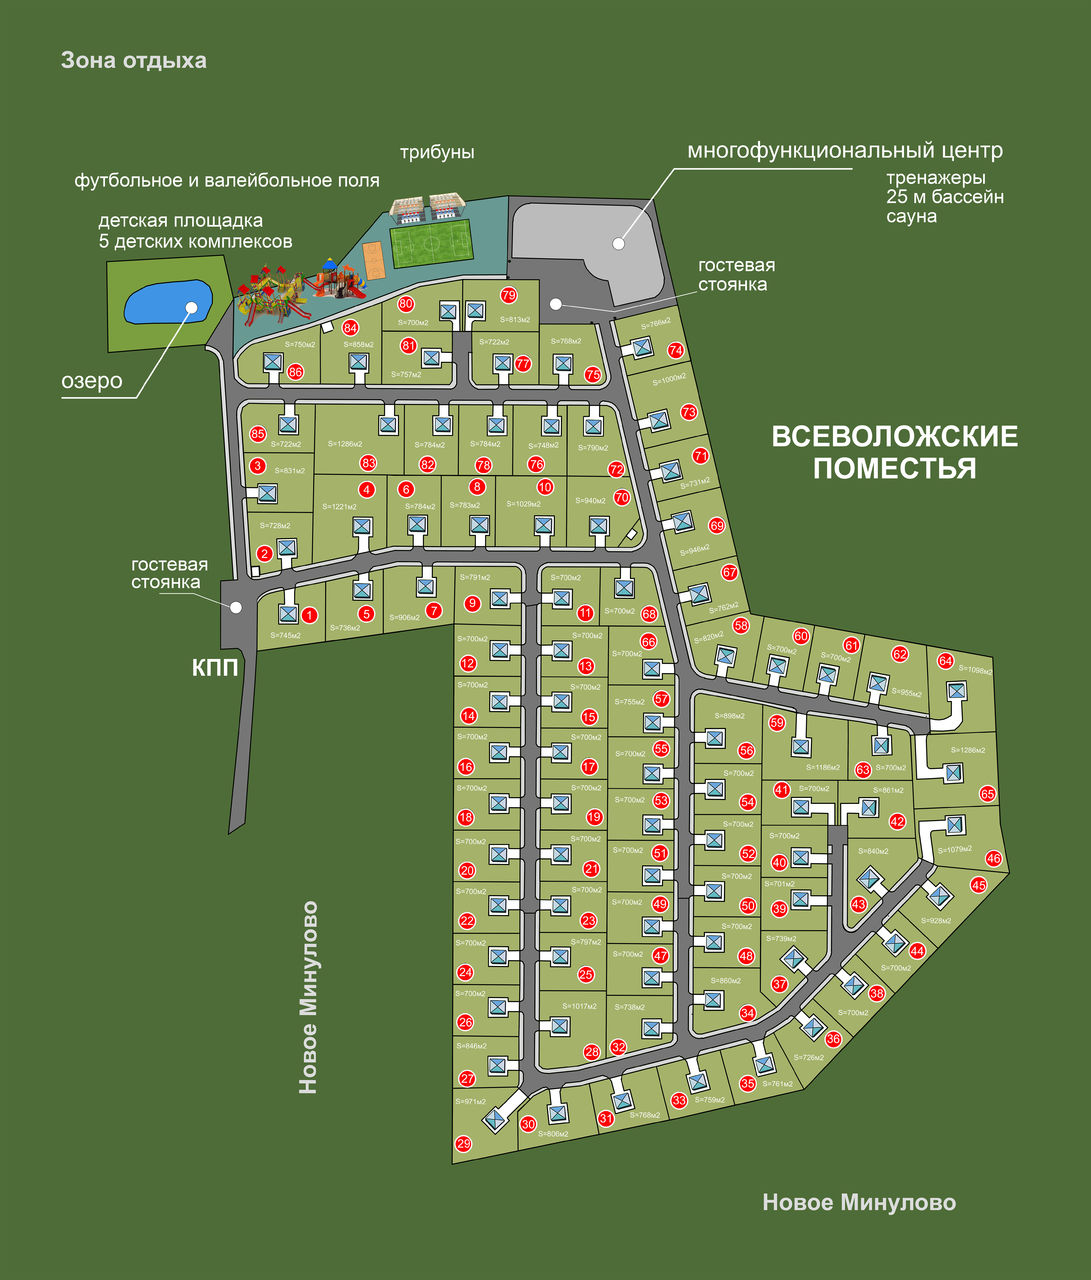 Генеральный план Всеволожские поместья